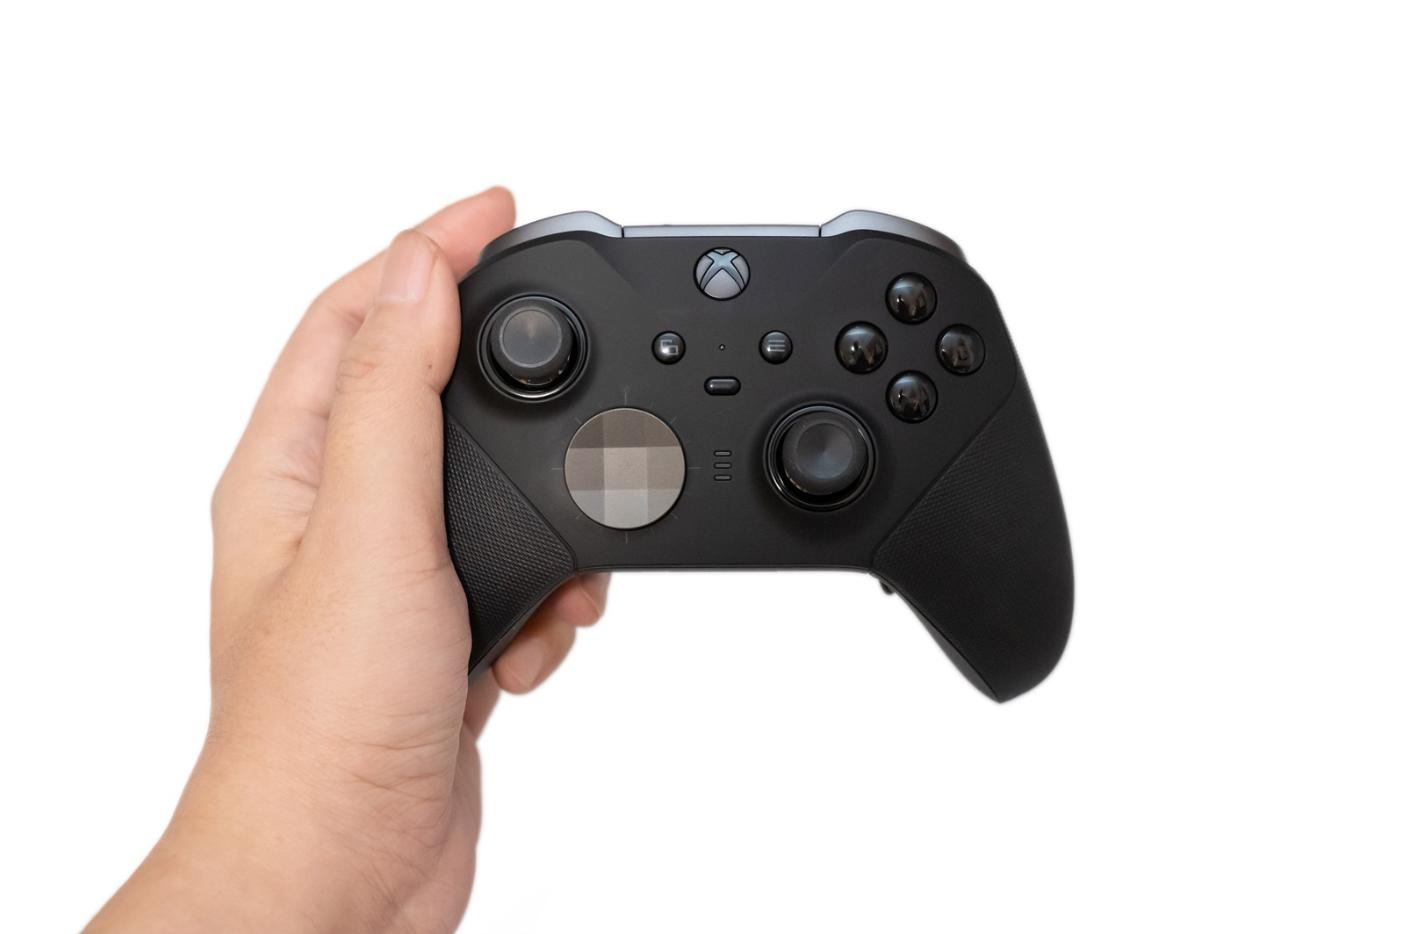 【開箱】最強菁英手把!Xbox Elite 無線控制器 Series 2 台灣版入手!